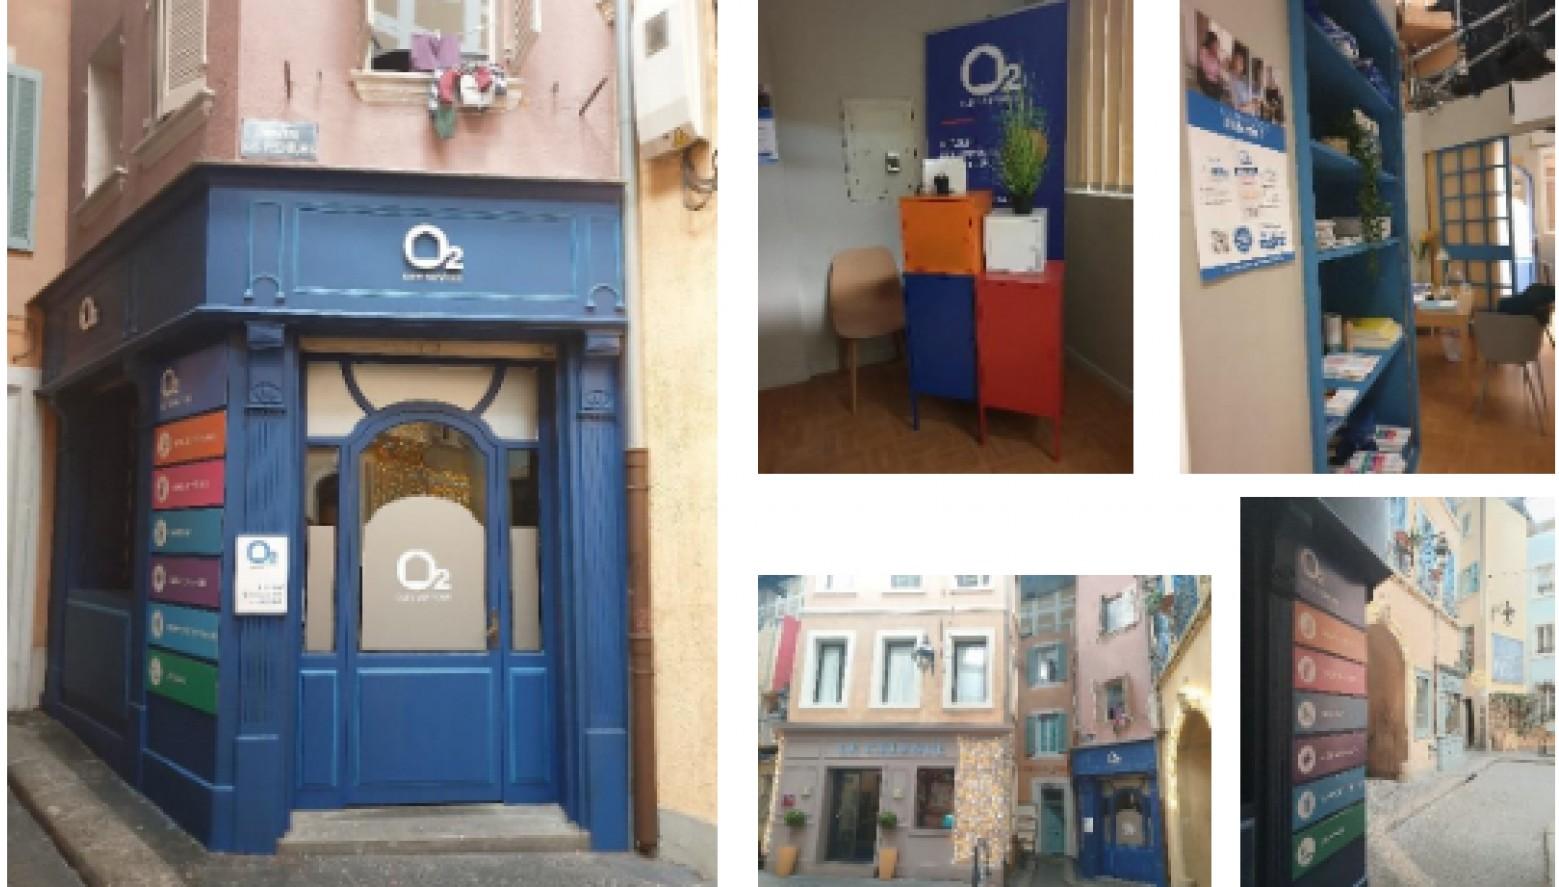 Agence O2 : Nouveau décor à la place du cabinet O211